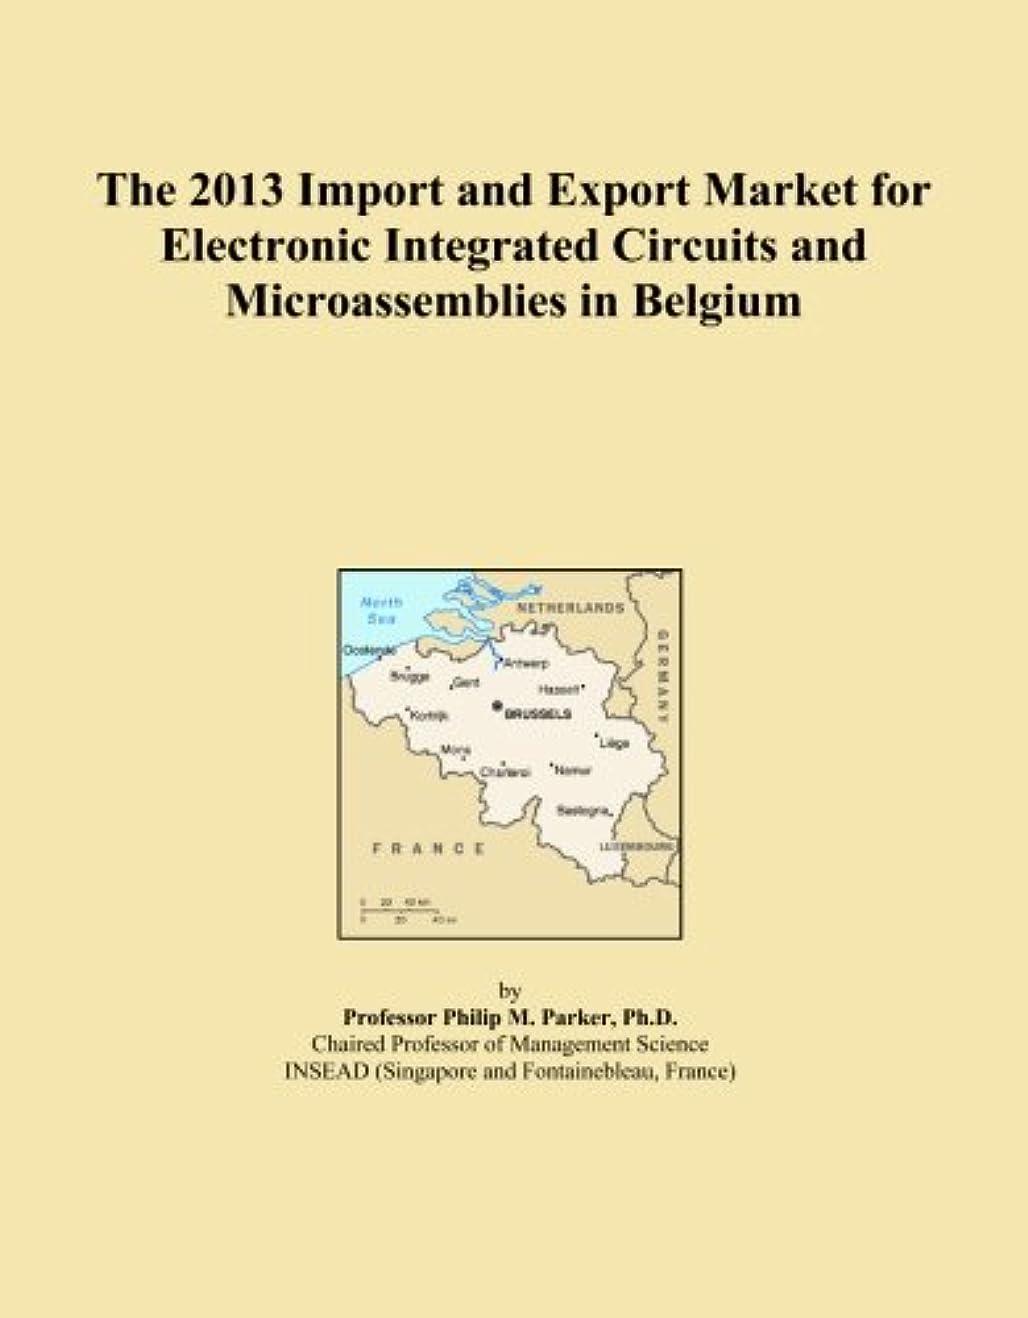 最少大学院群がるThe 2013 Import and Export Market for Electronic Integrated Circuits and Microassemblies in Belgium